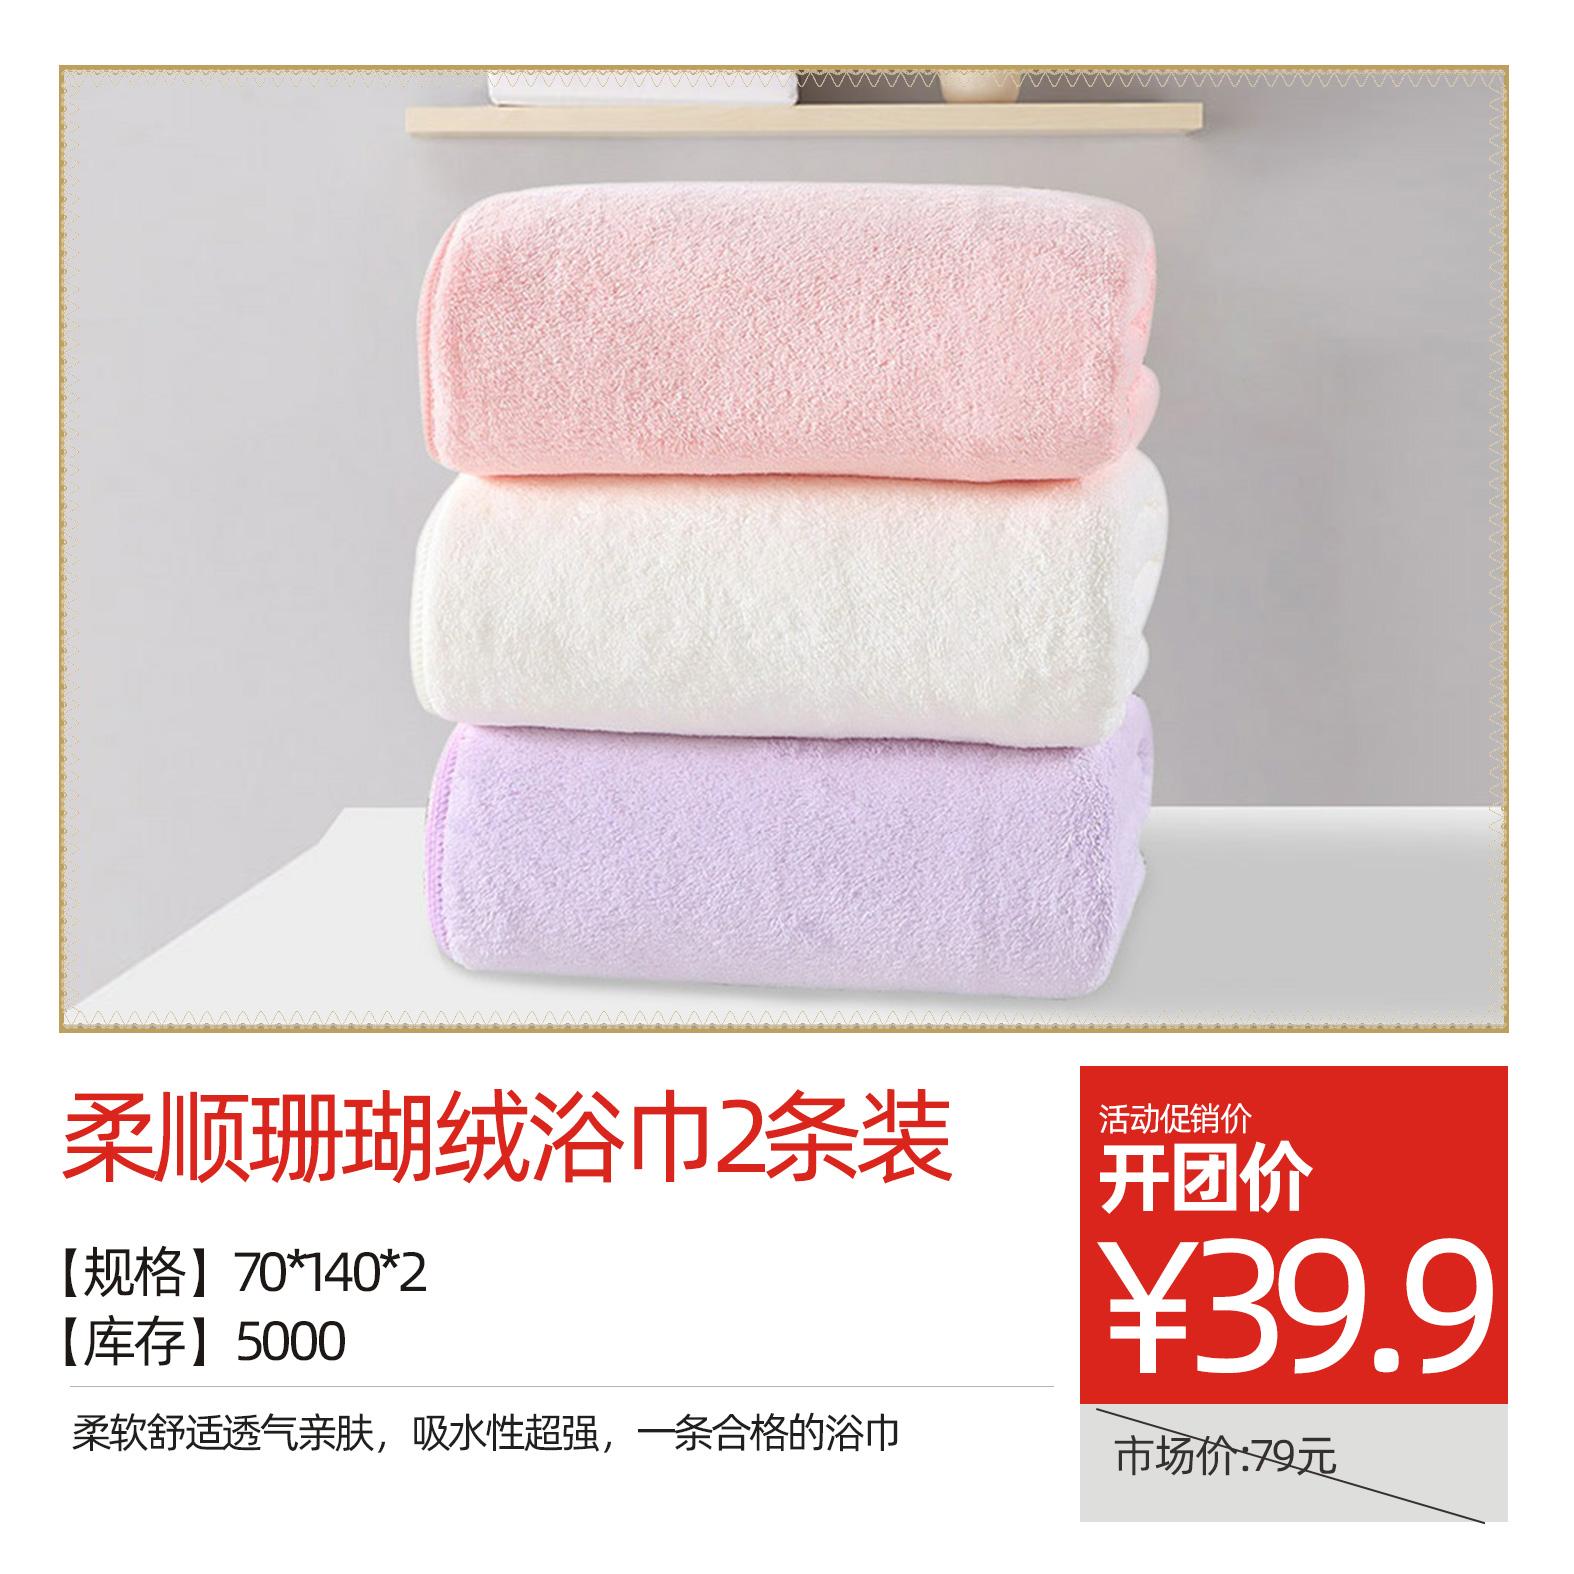 柔顺珊瑚绒浴巾2条装